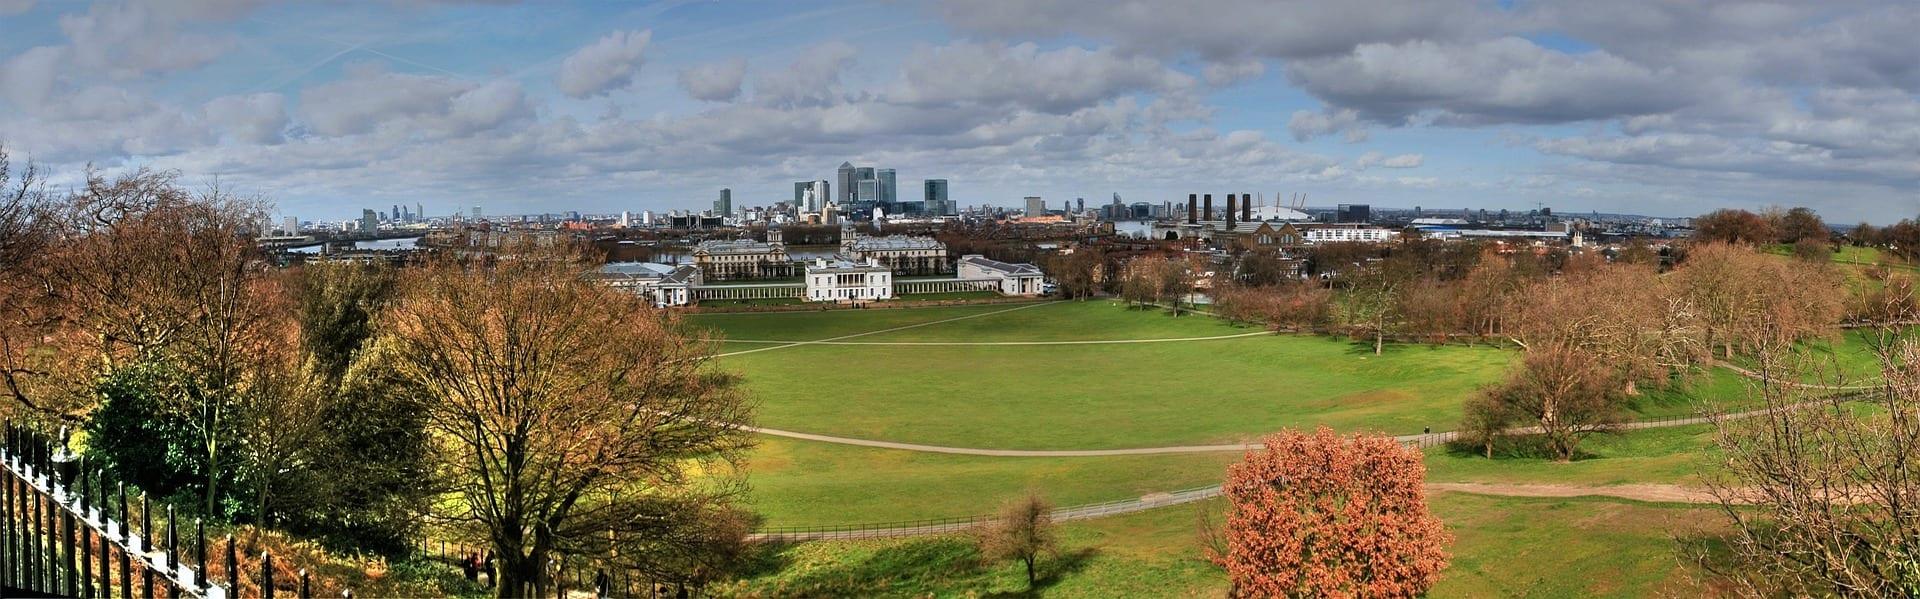 Meridiano de Greenwich en mapa